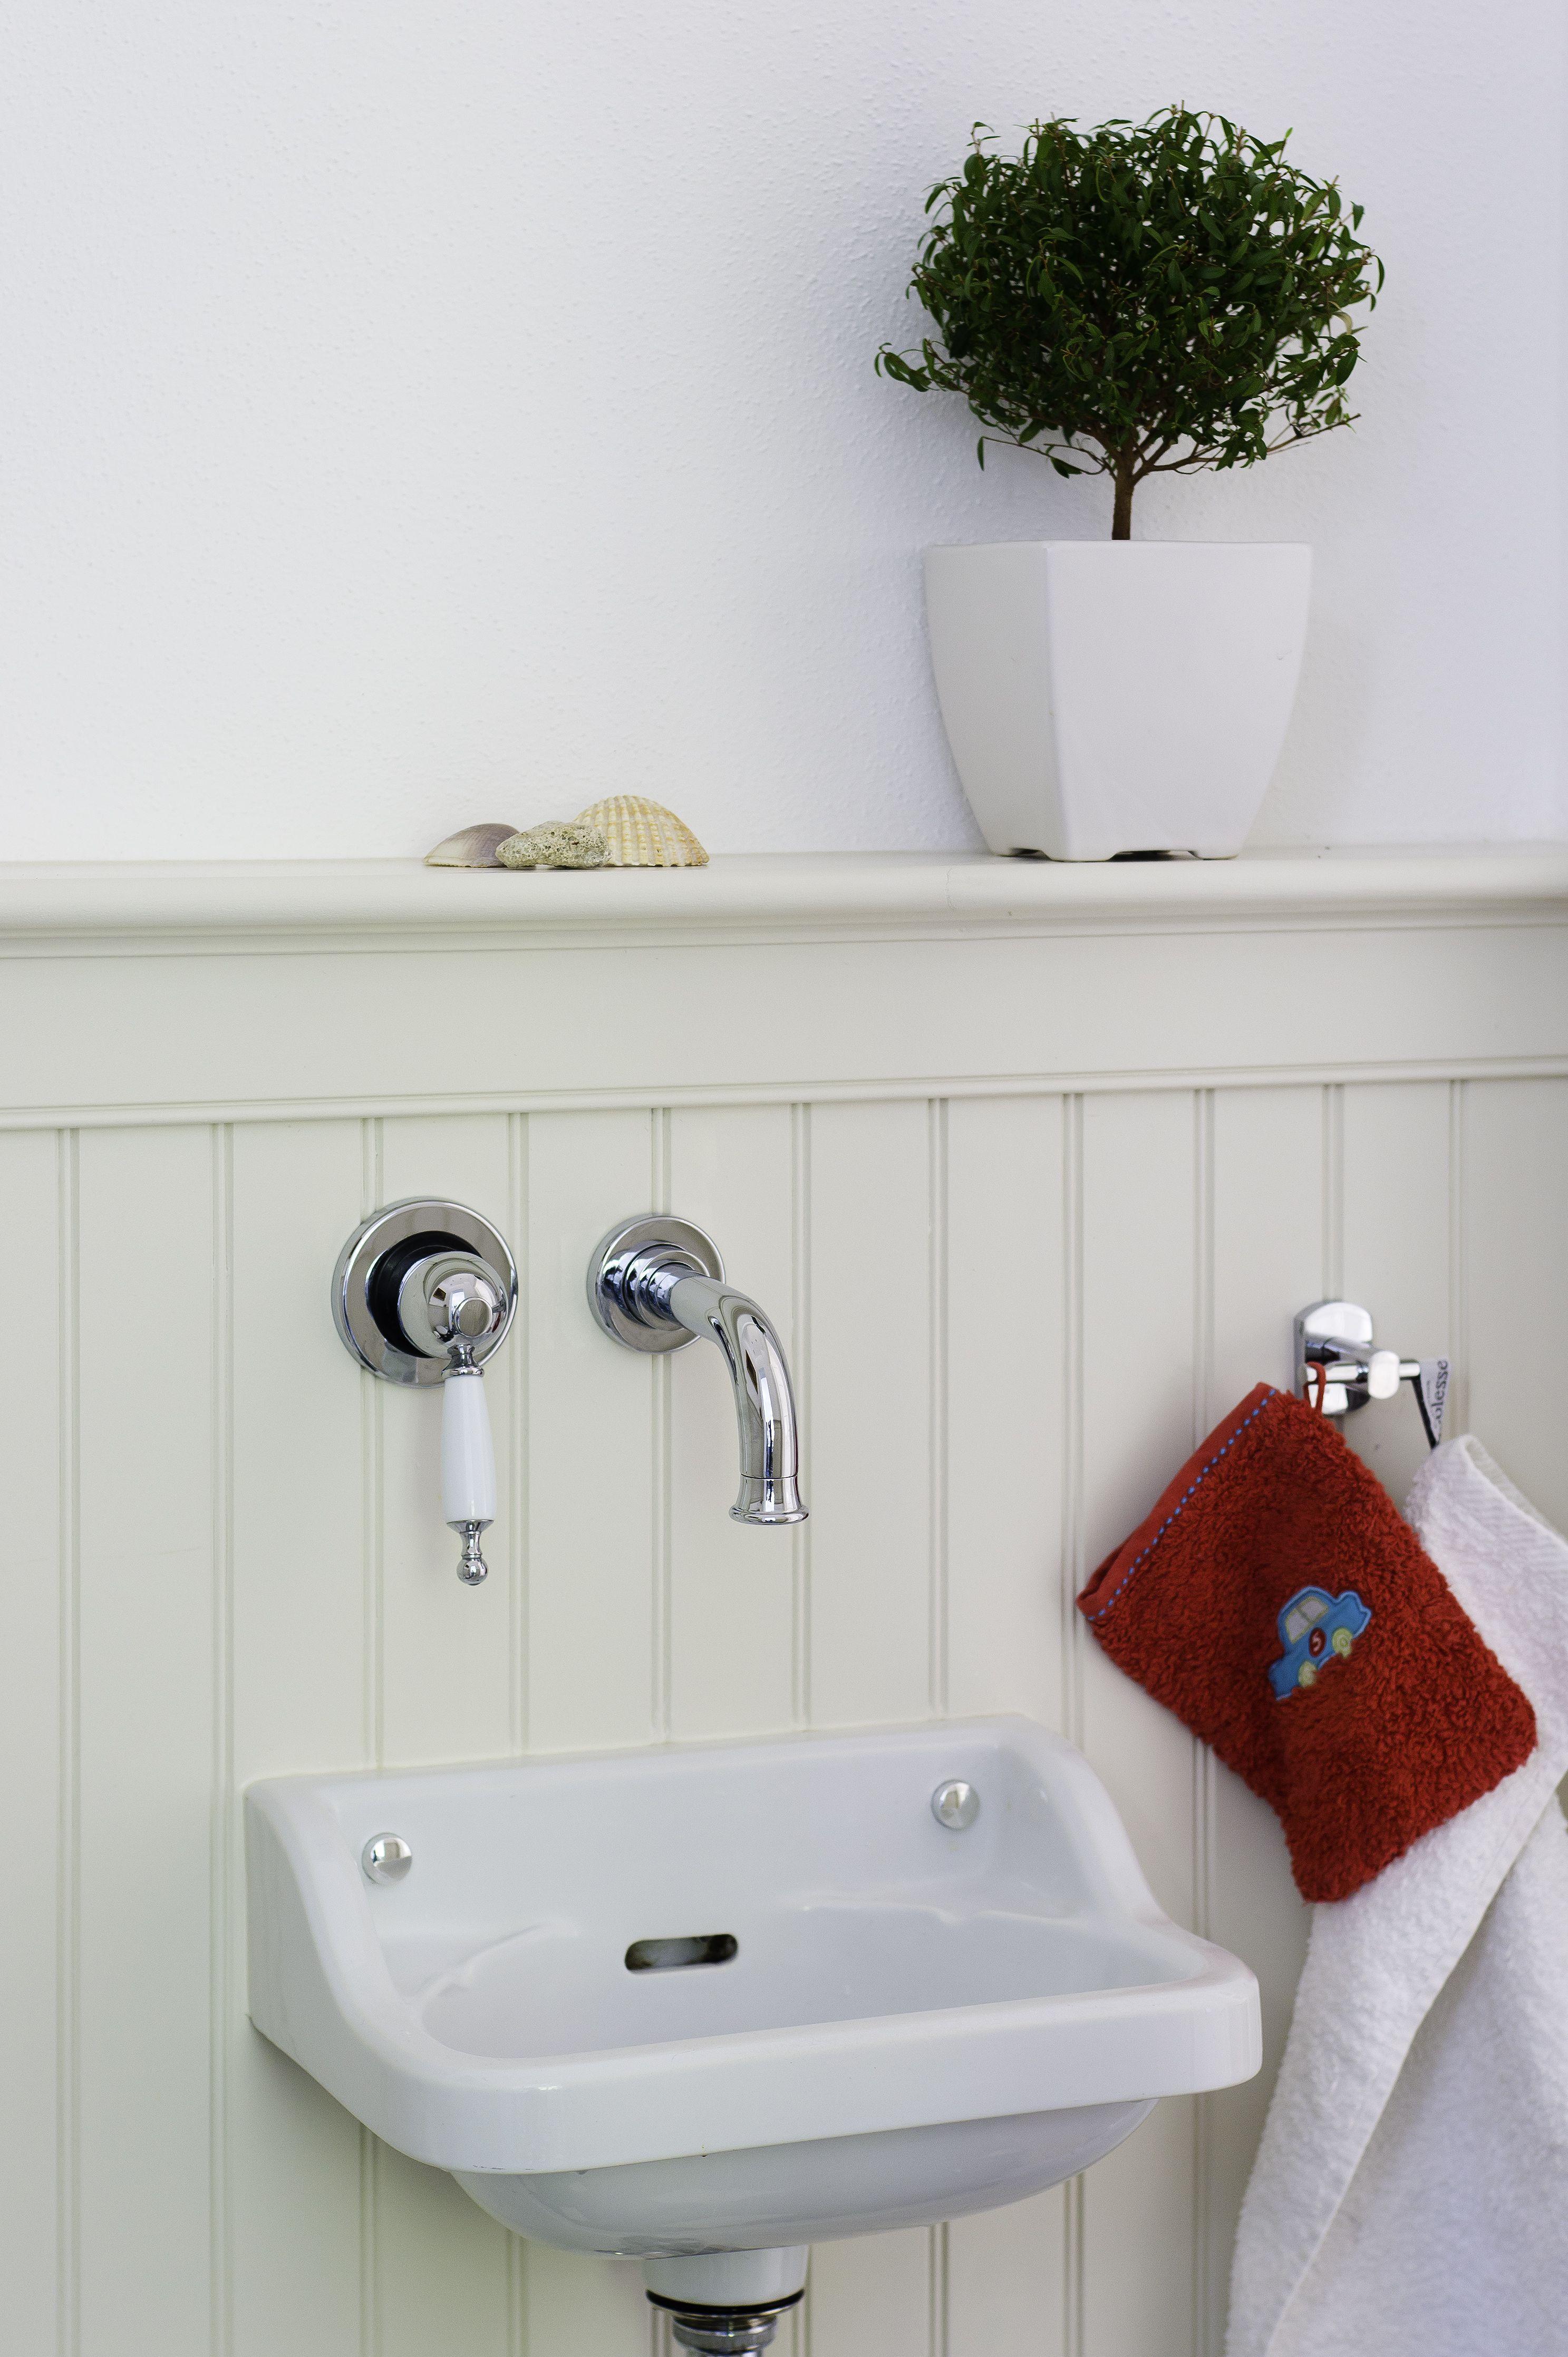 Holzpaneele Im Badezimmer Wandgestaltung Statt Fliesen Usa Holzwandverkleidung Wandvertafelung Stil Badezimmer